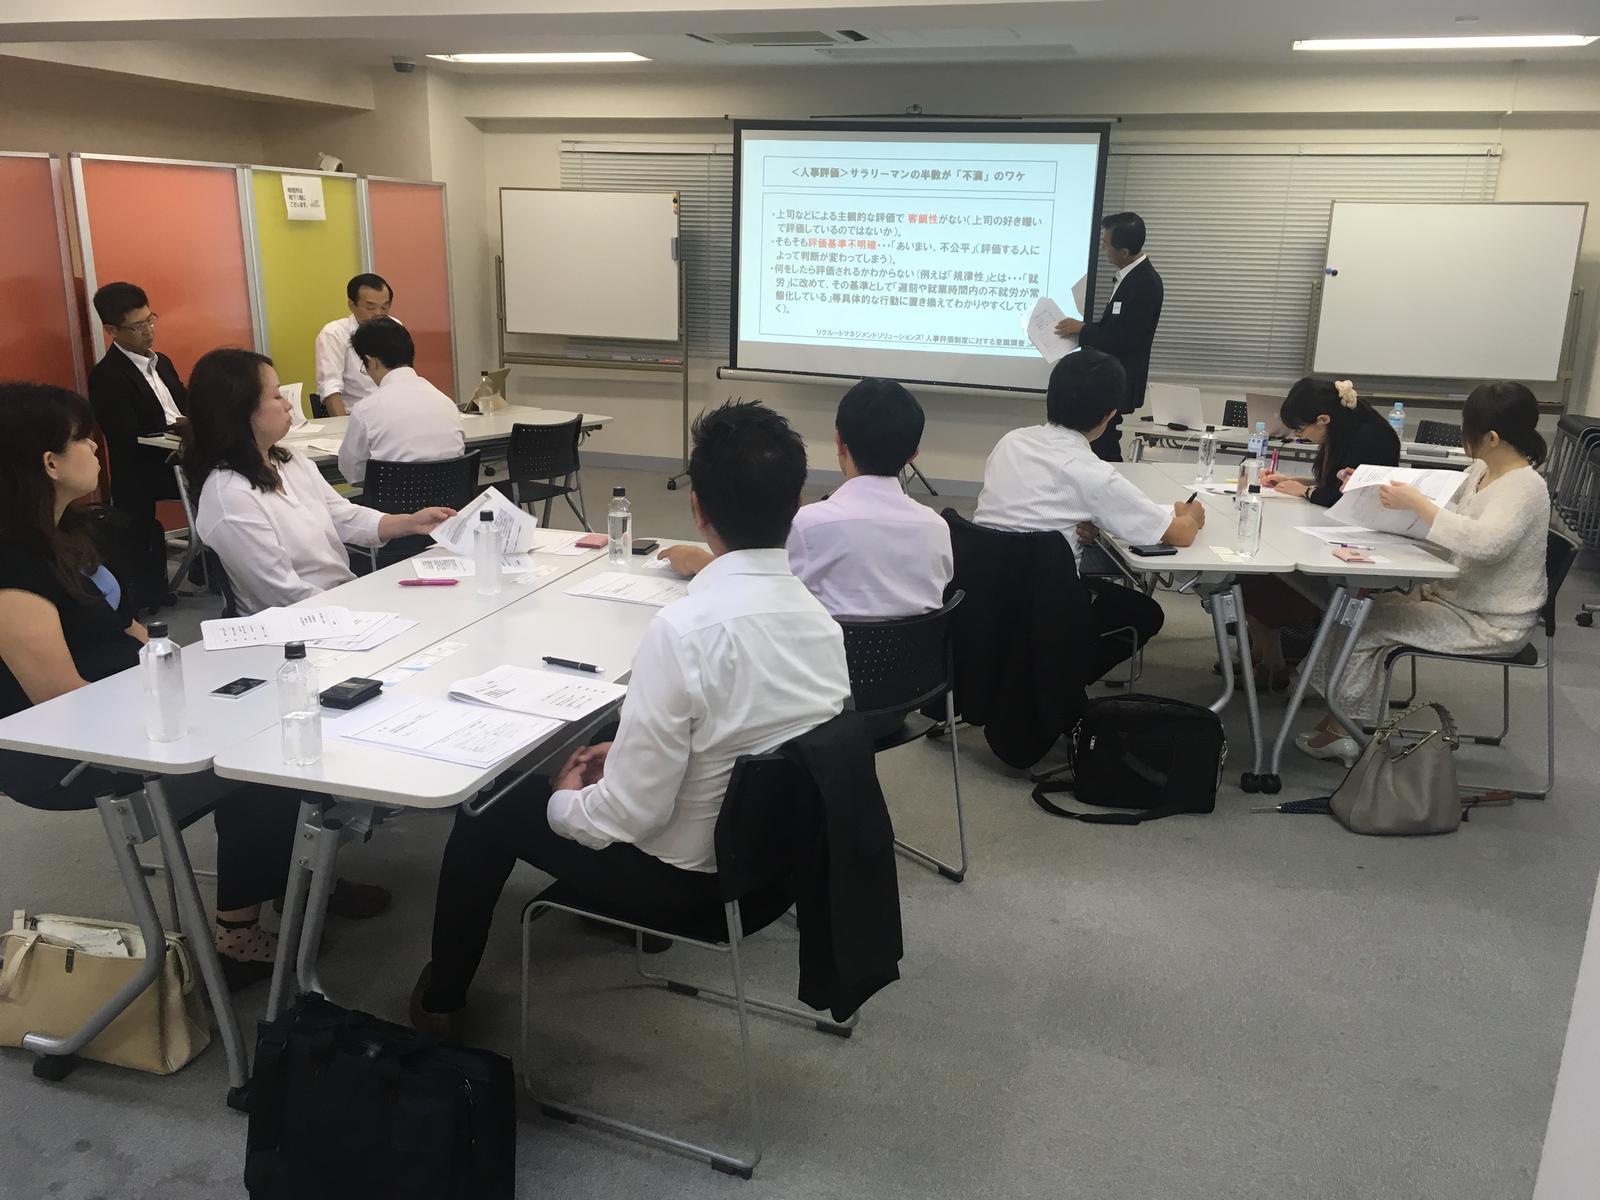 クオリティ・オブ・ライフ、「社員が辞めない」「人が育つ」人事制度構築セミナーを実施